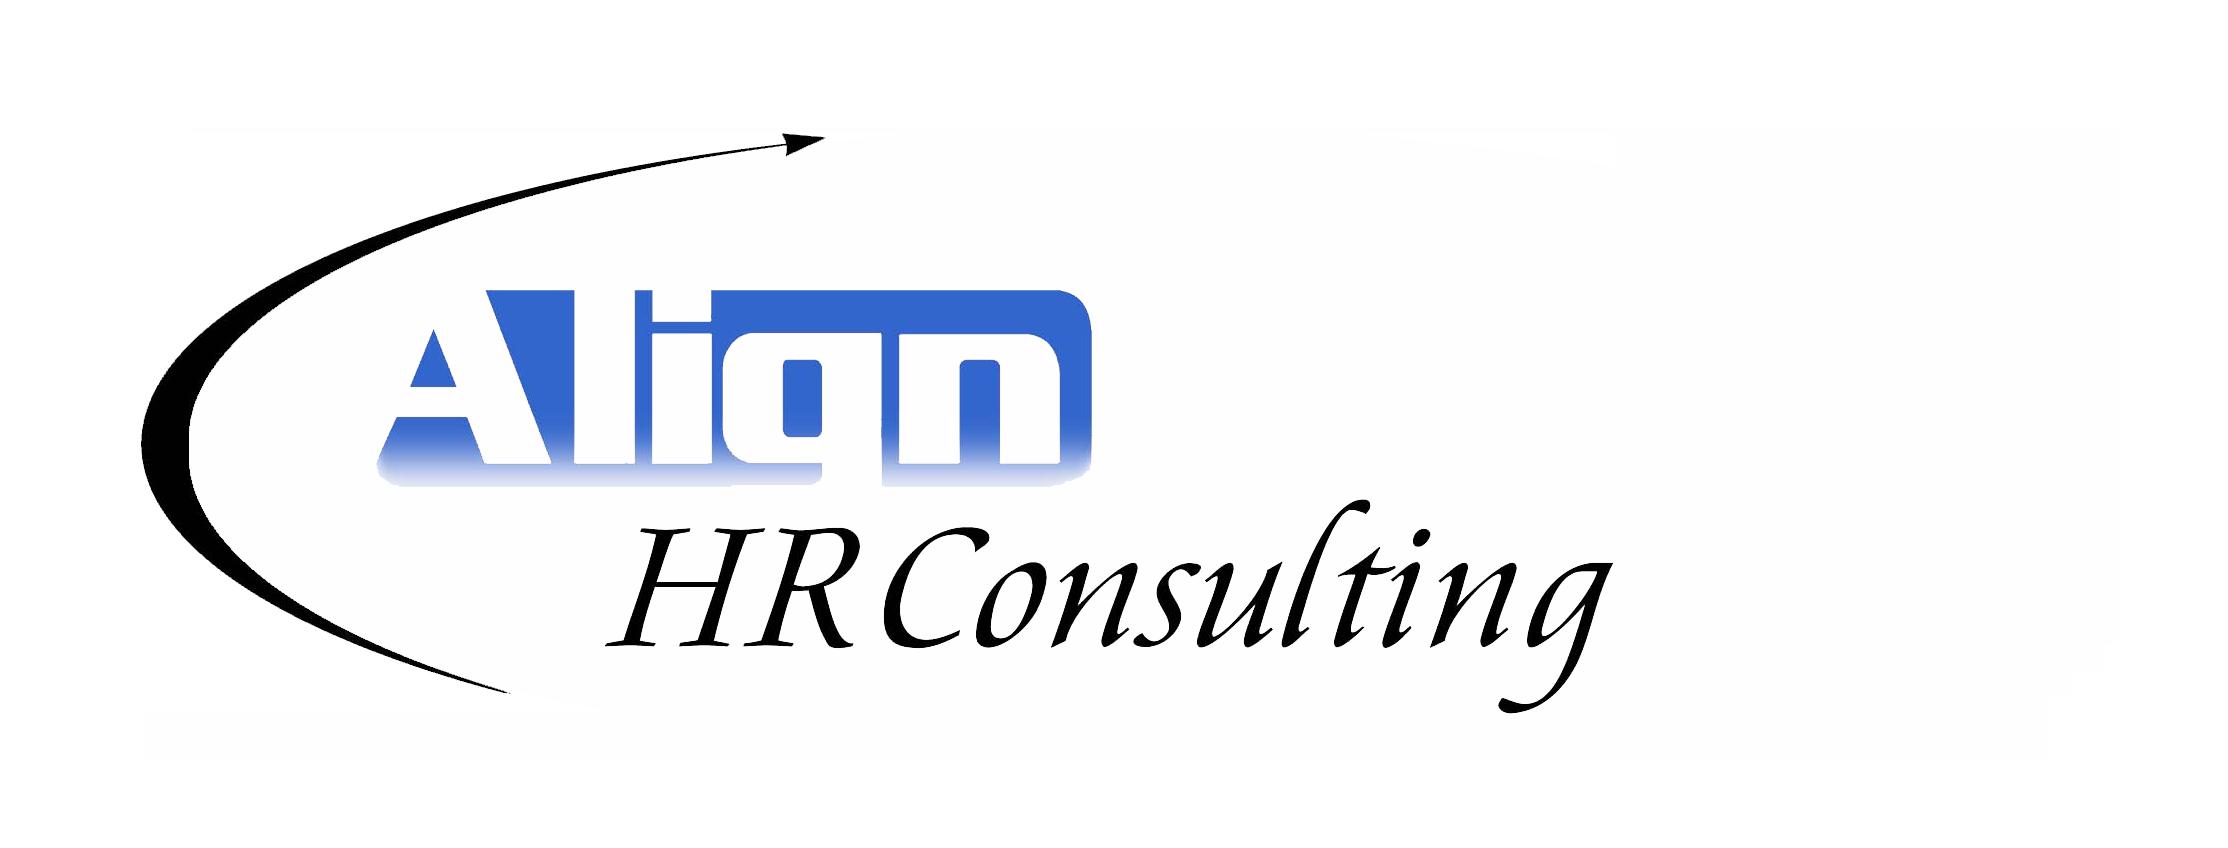 Align HR Compensation Consulting Craig Ilott Consultant Calgary